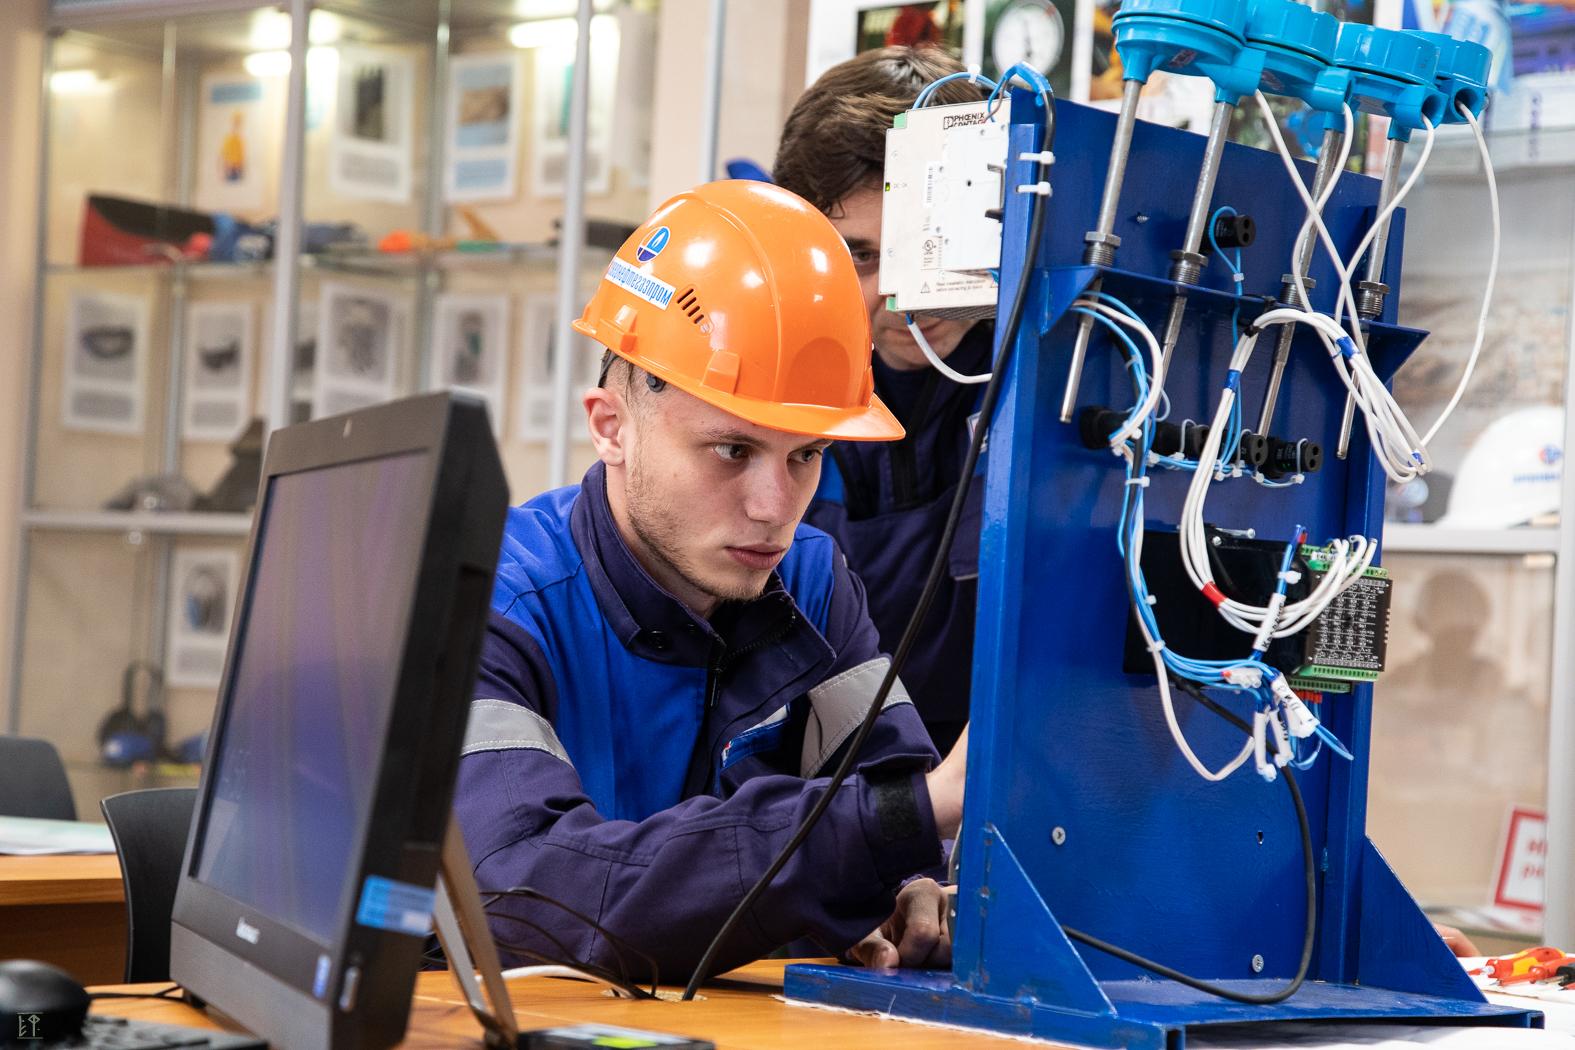 Профессия инженер контрольно-измерительных приборов автоматики: где учиться, зарплата, плюсы и минусы